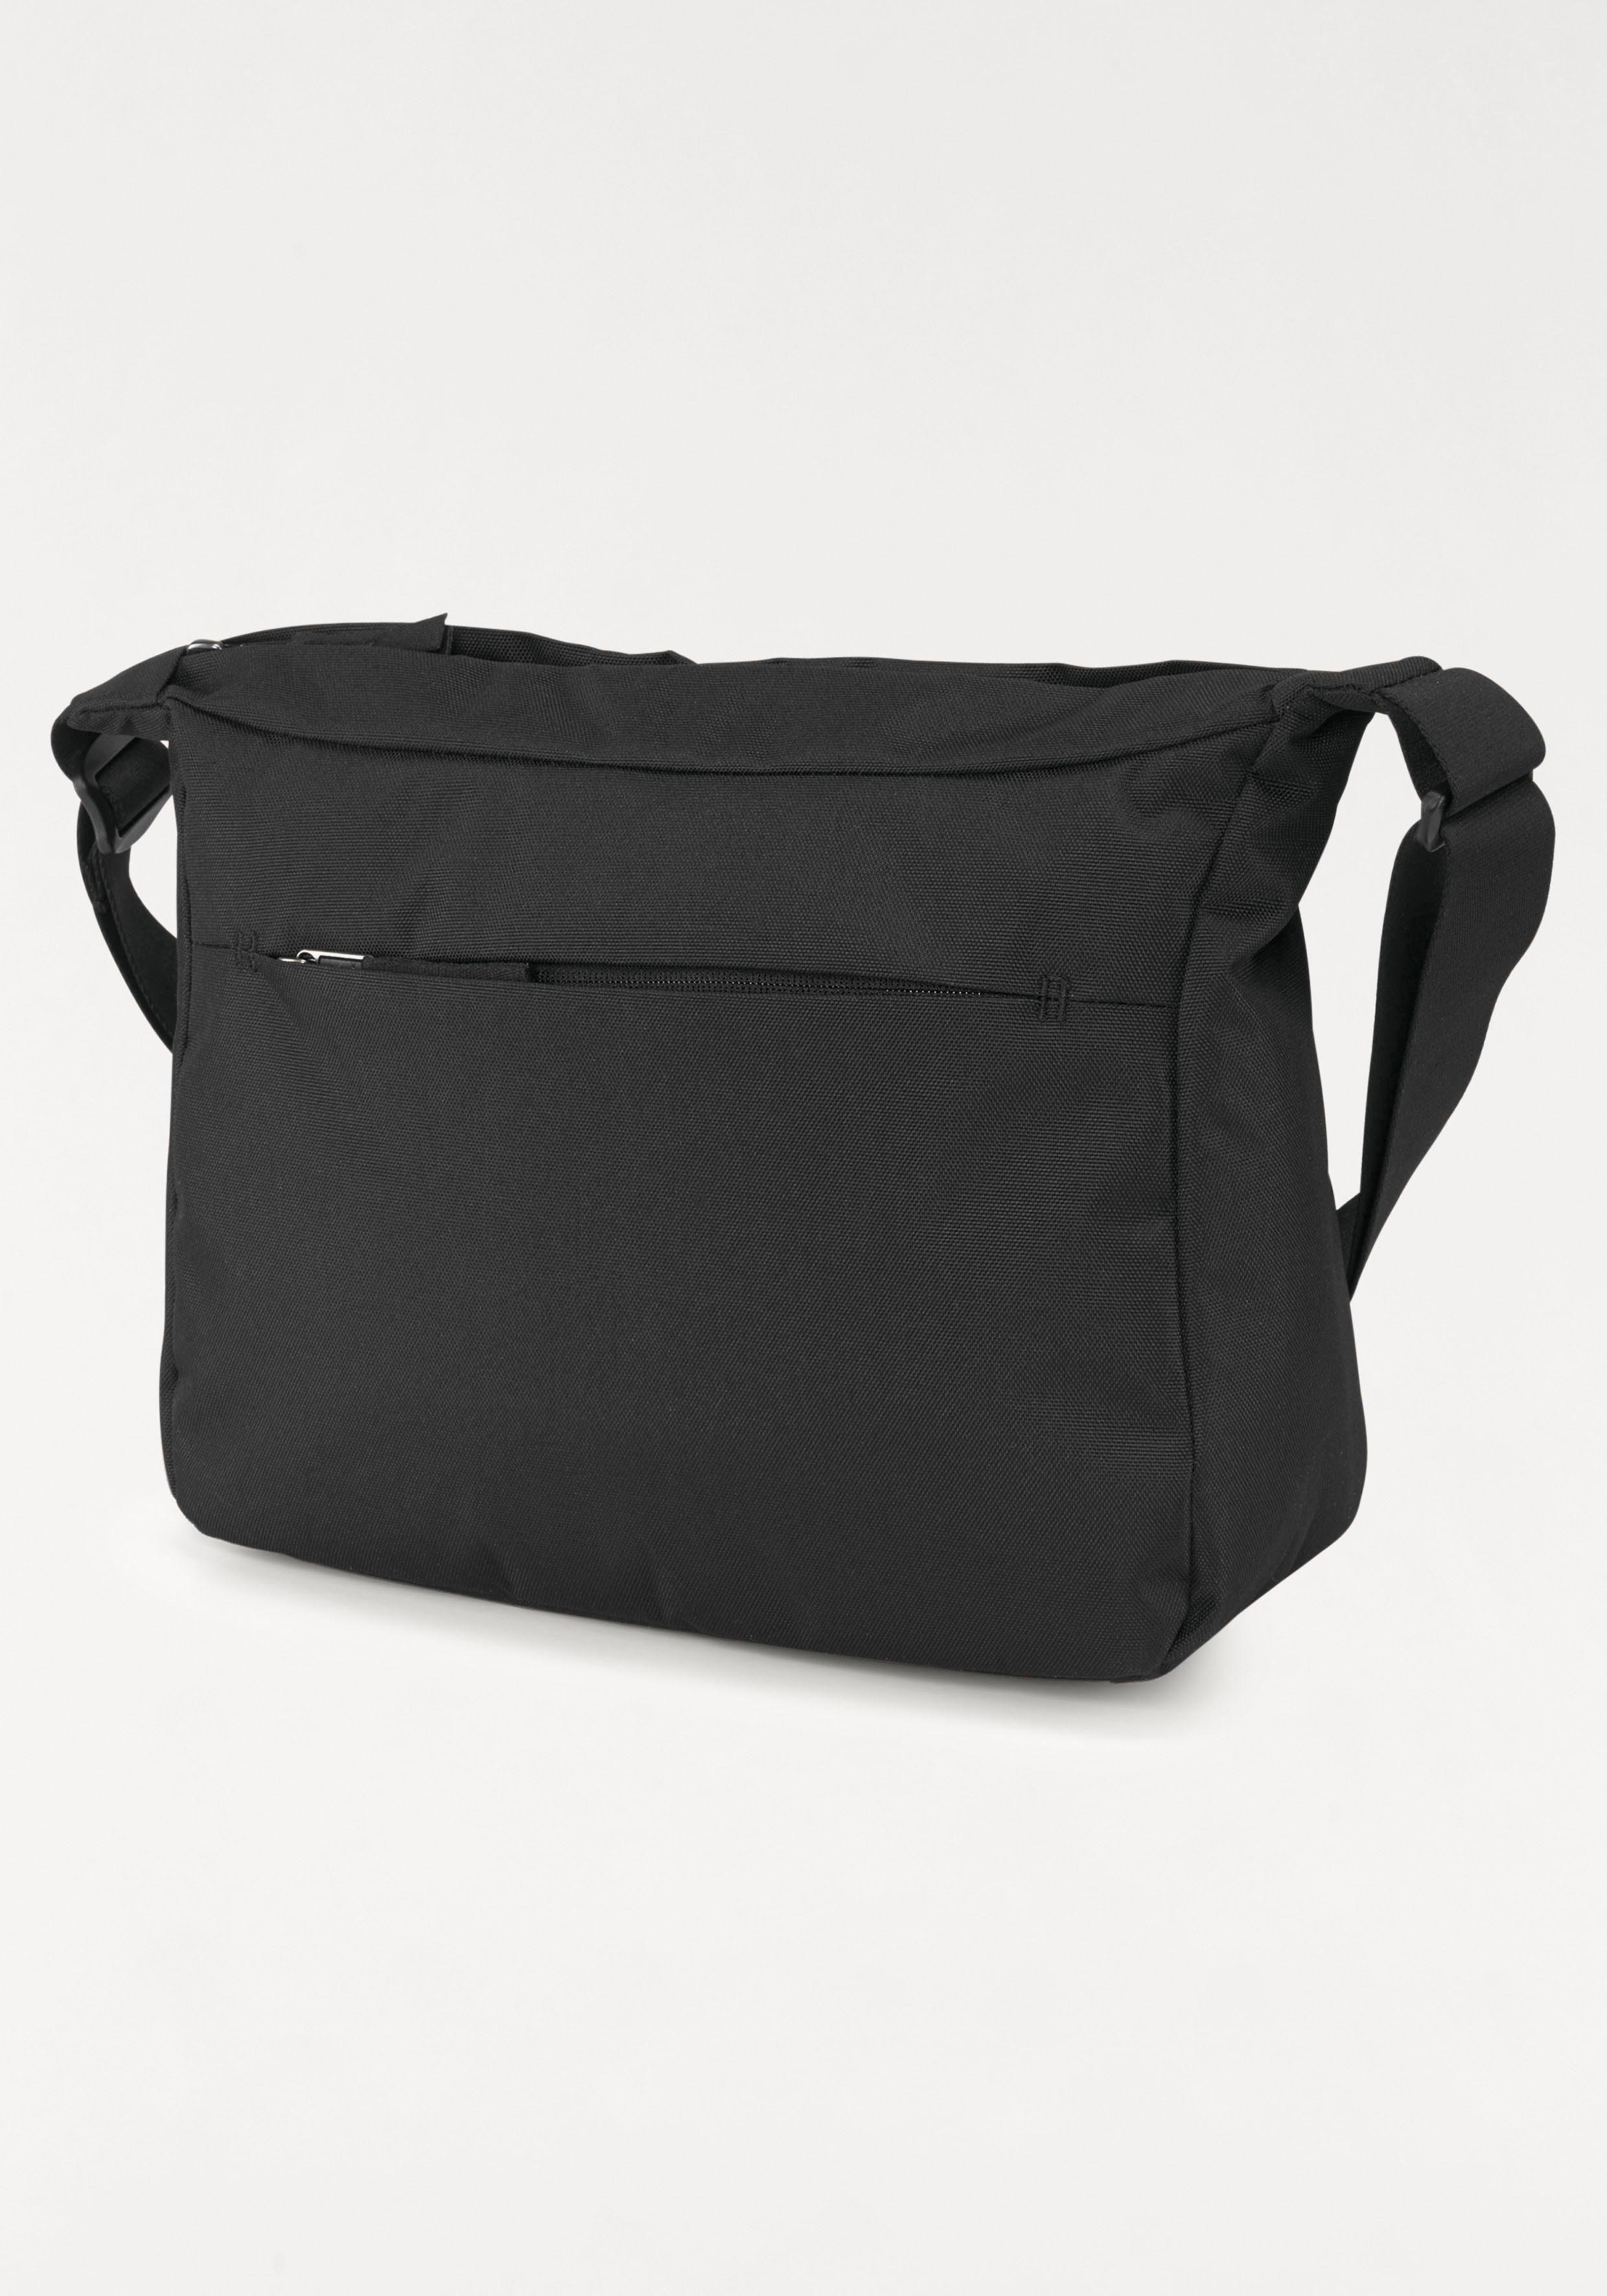 Tasche Wolfskin Viel Online Jack Kaufen Umhängetasche »valparaiso Mit Bag«Praktische Platz ZukXiwOPT